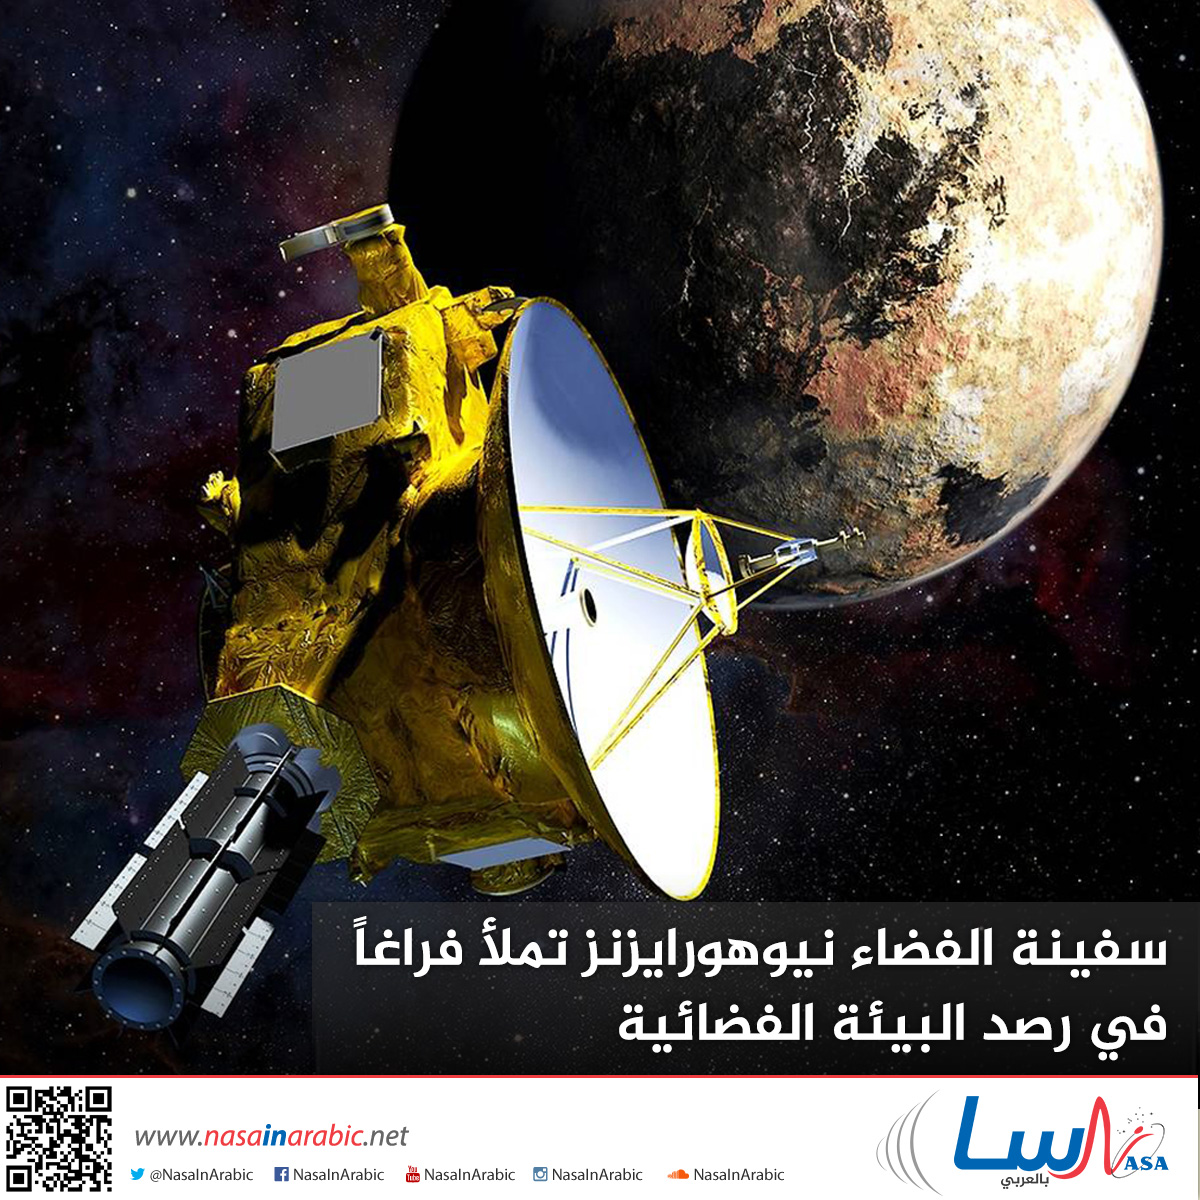 سفينة الفضاء نيوهورايزنز تملأ فراغاً في رصد البيئة الفضائية